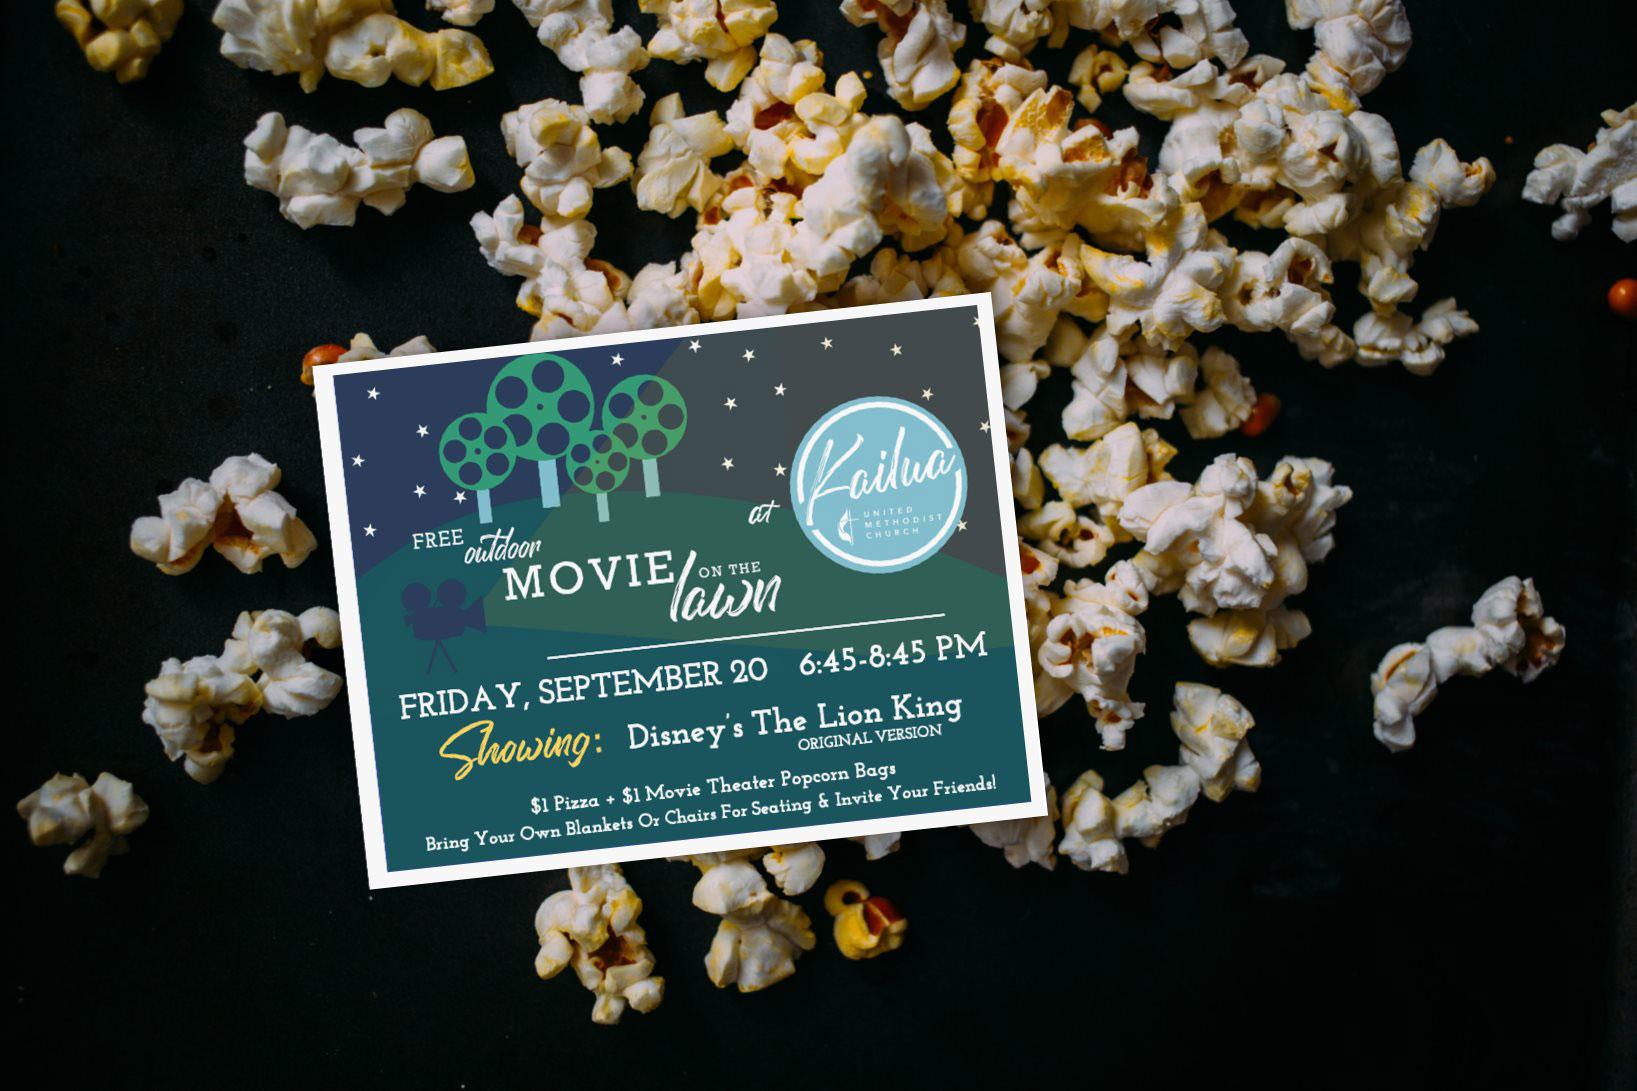 Kailua Free Family Movie Night